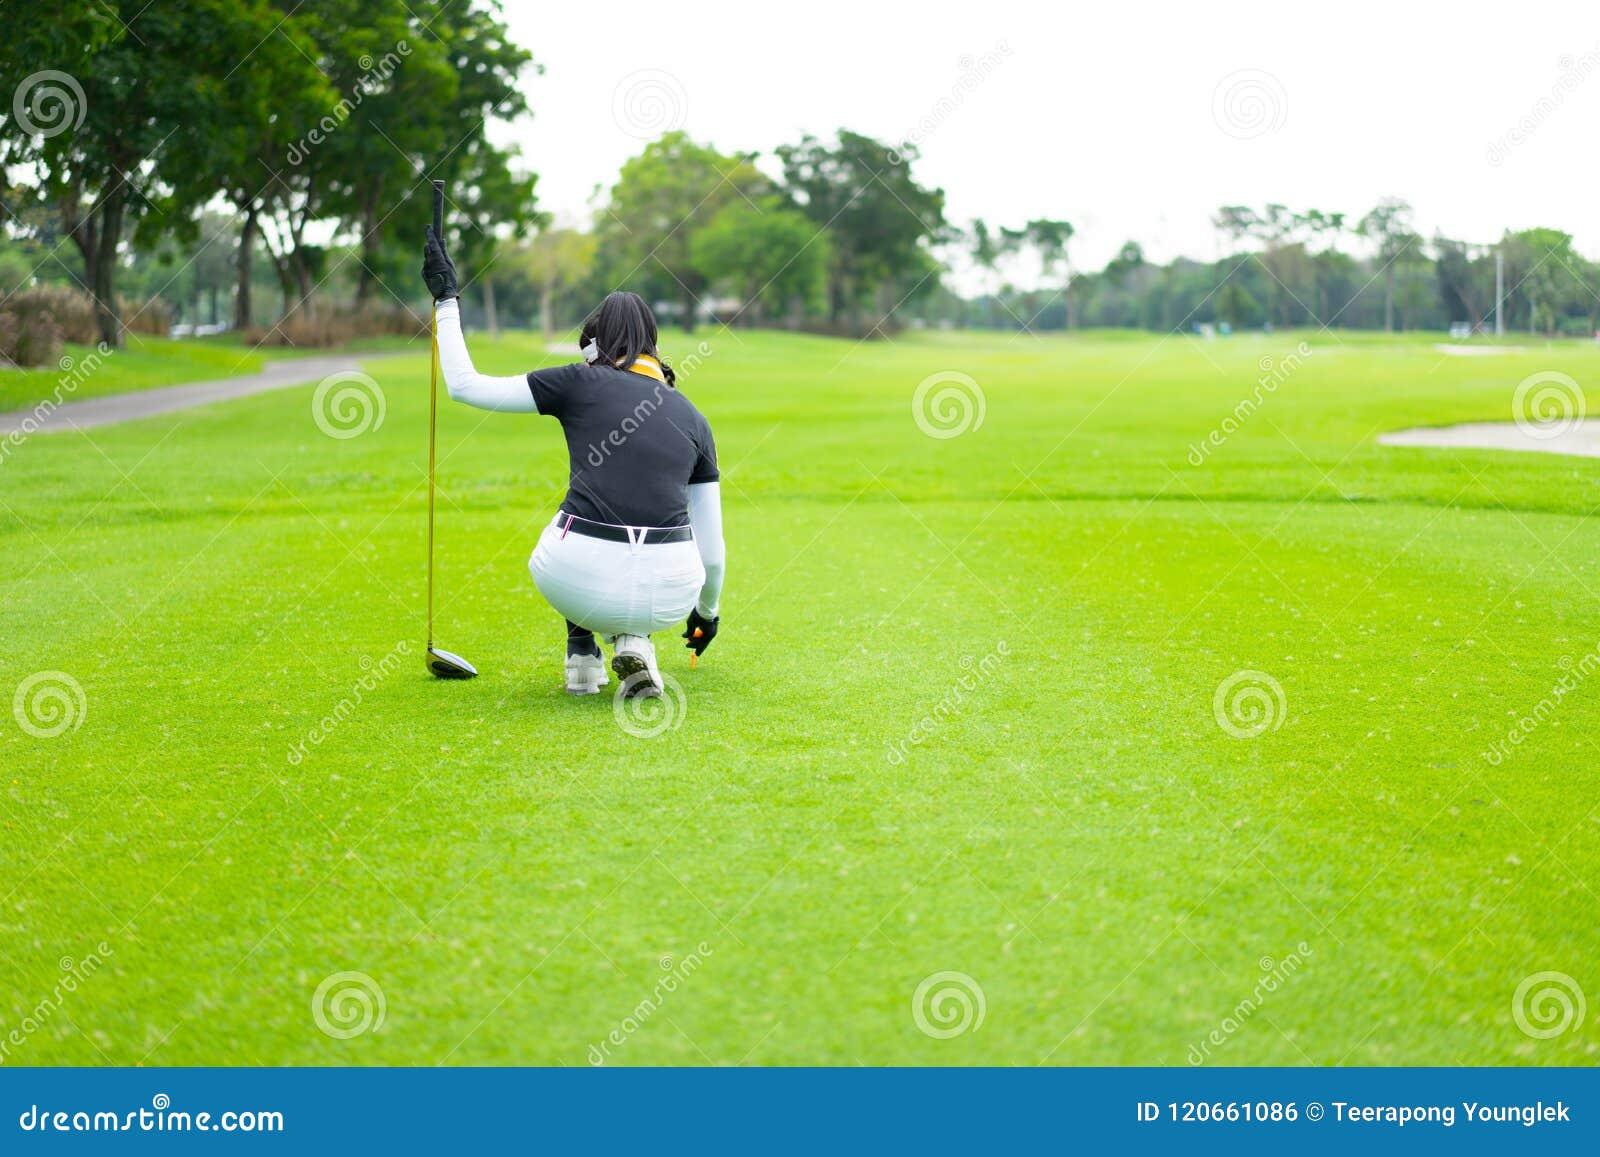 Zaczynać grać w golfa zwycięstwo od kobiecego golfisty